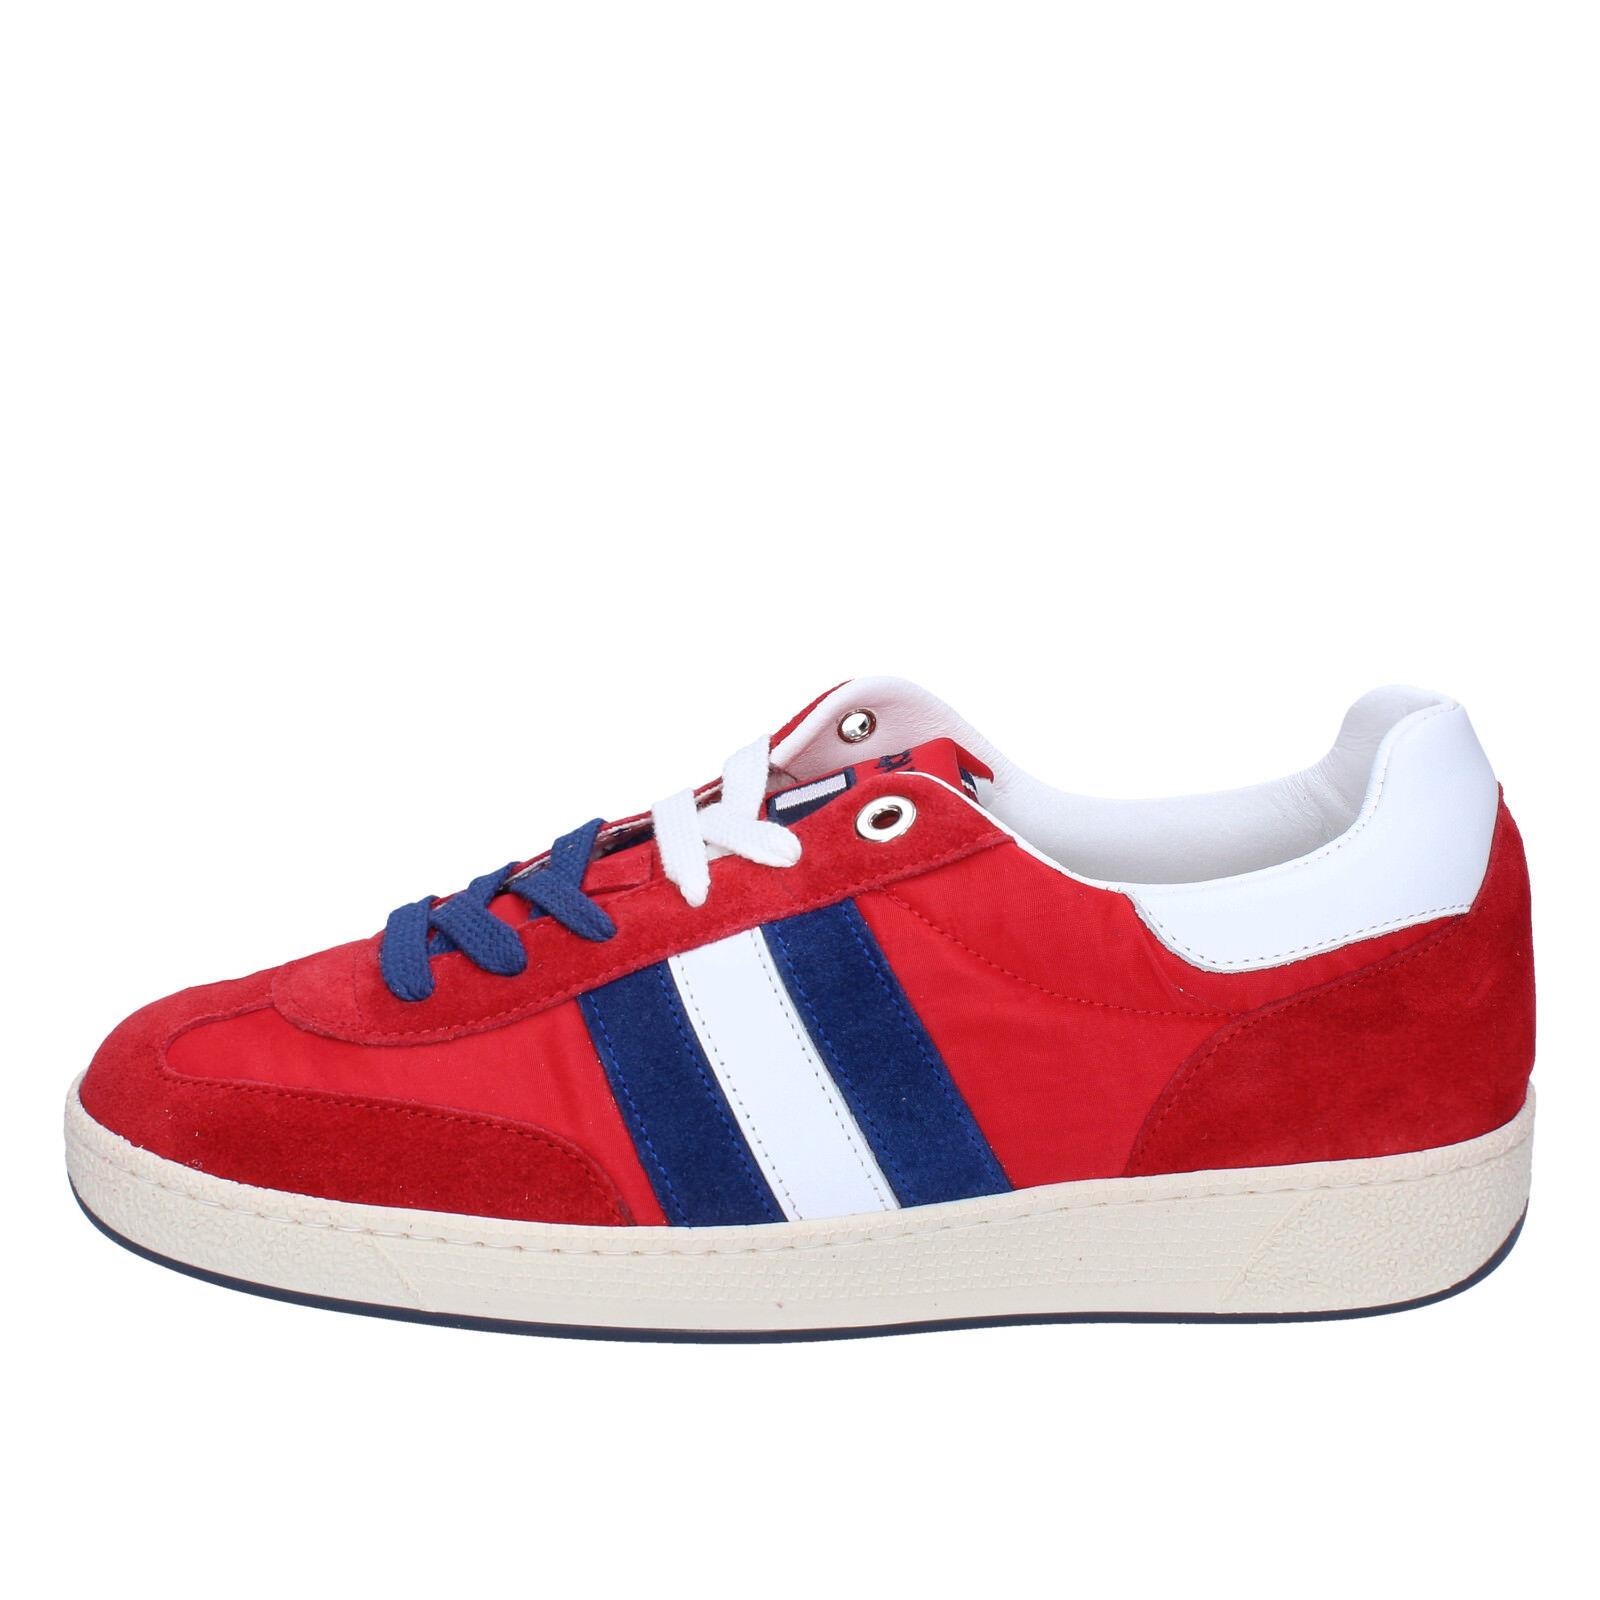 uomo D' ACQUASPARTA 42 EU scarpe da ginnastica rosso camoscio tessuto AB907-D